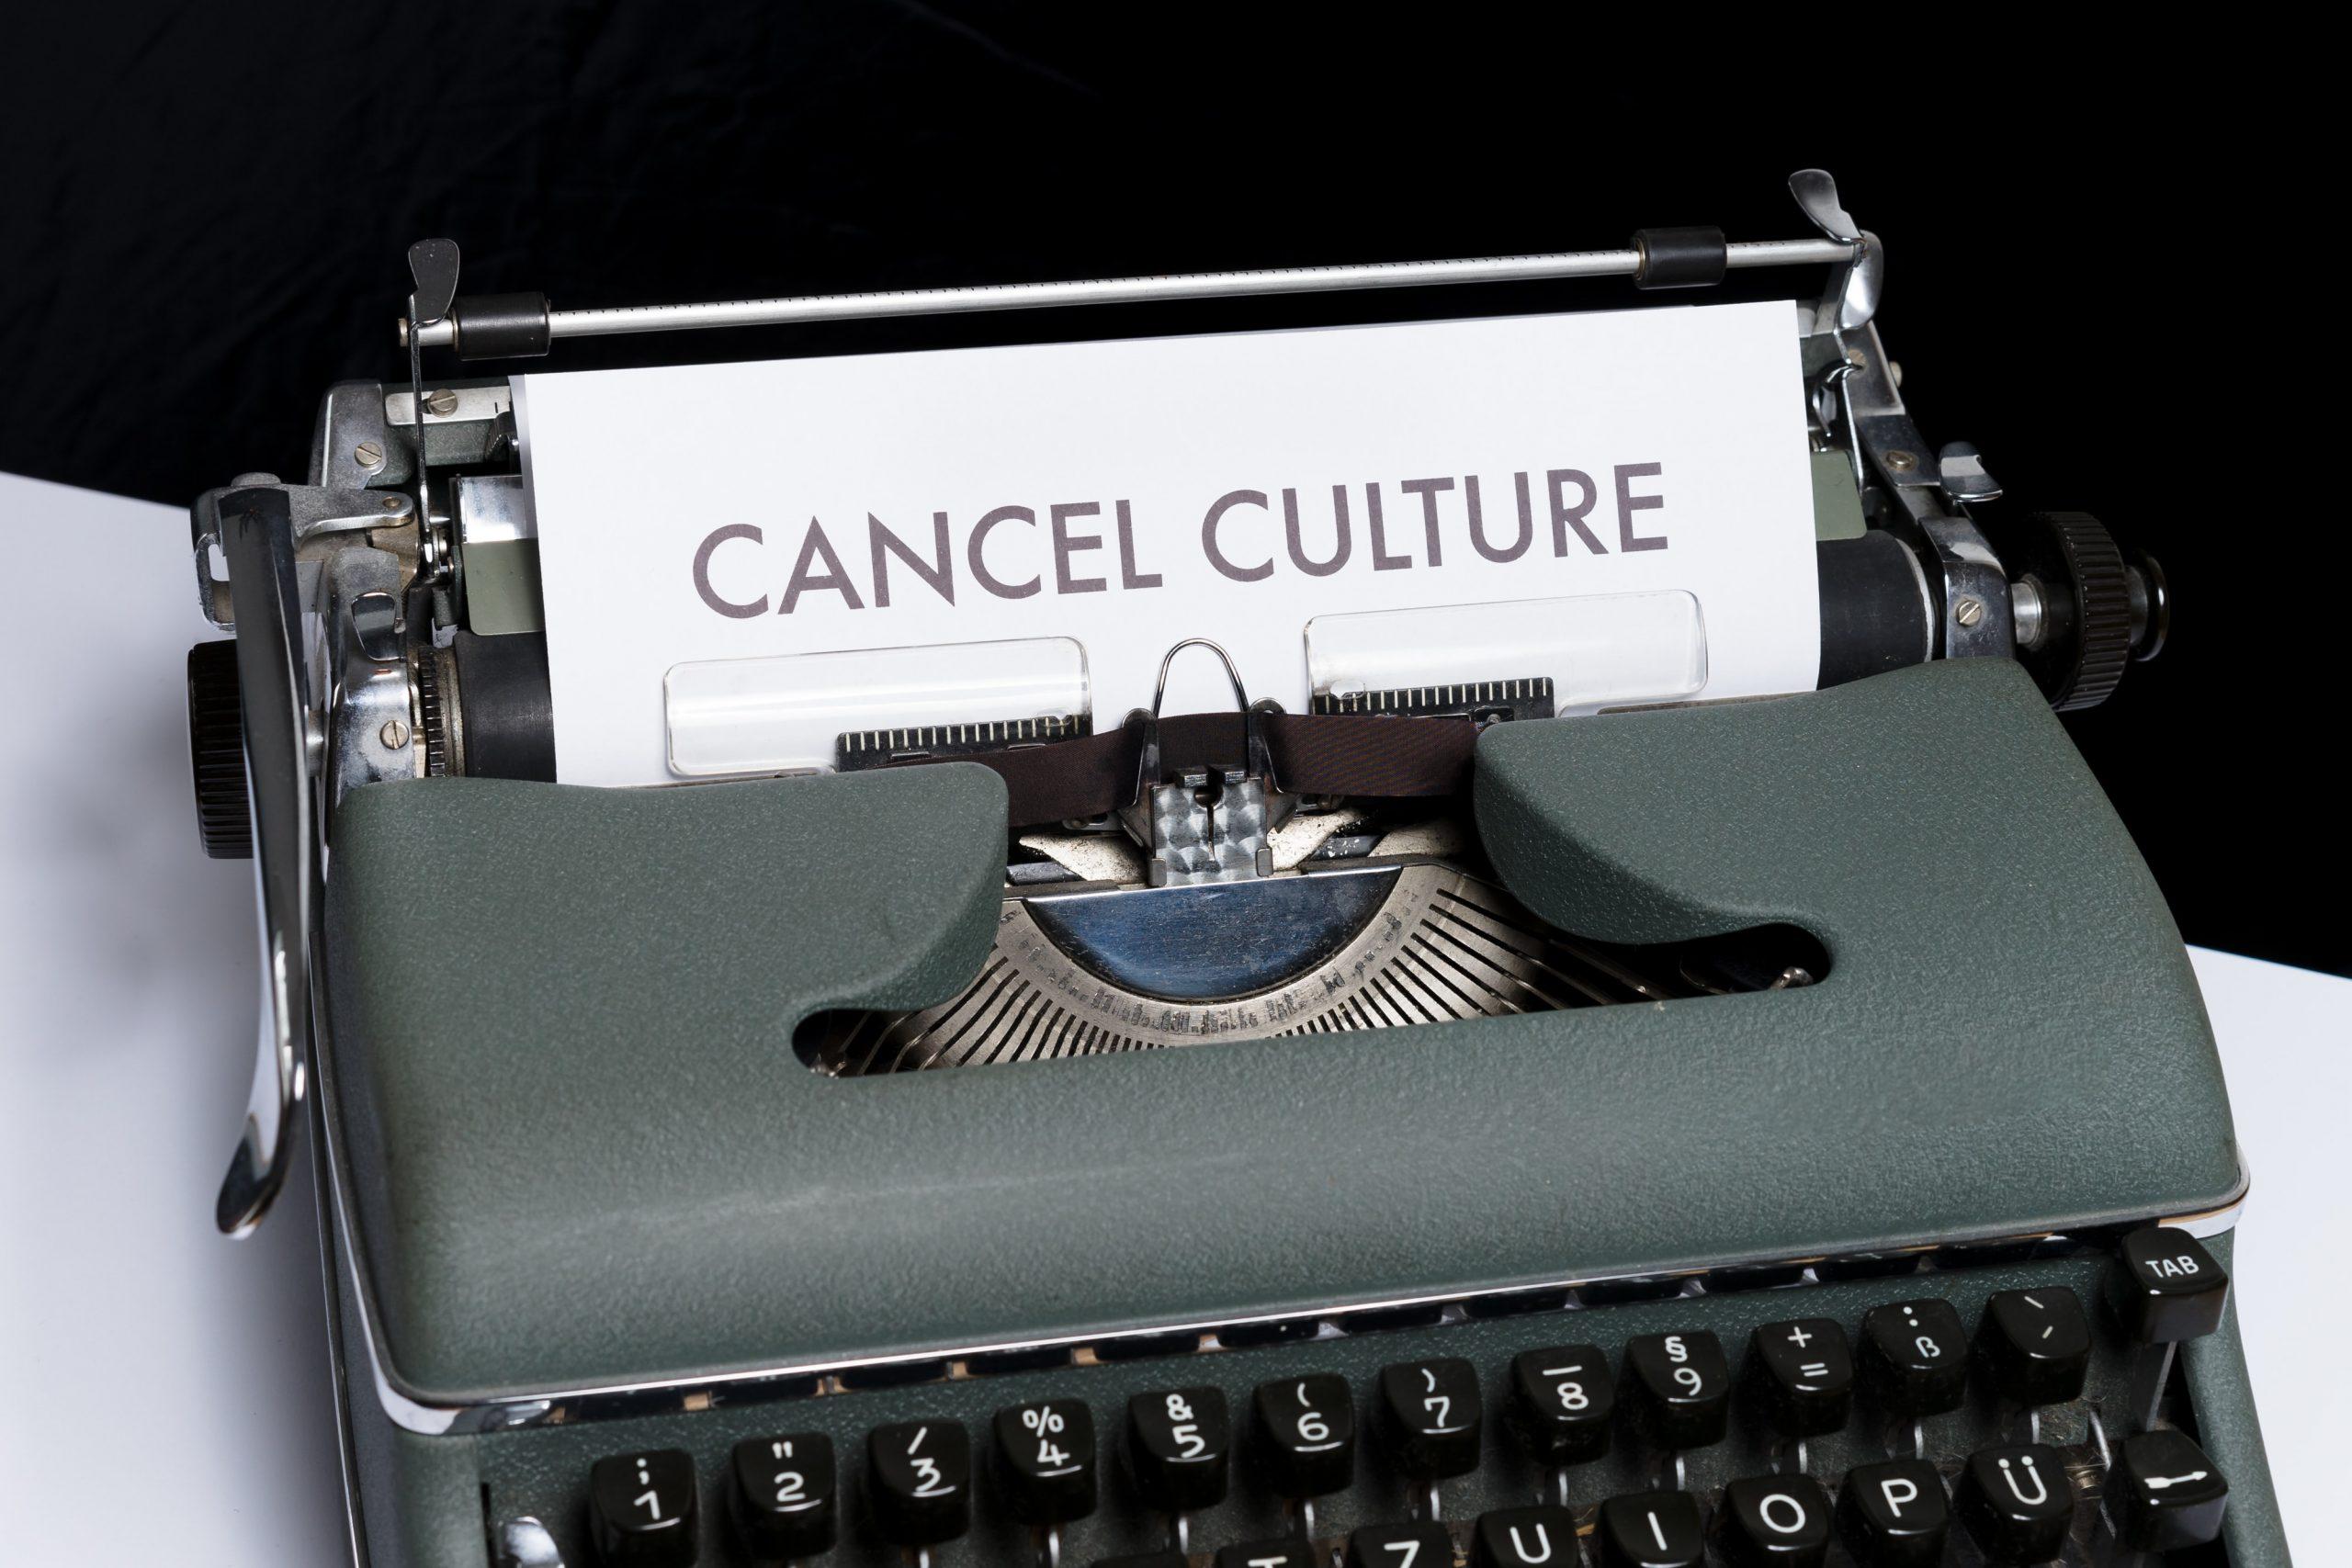 cancel culture - lettera dibattito libero